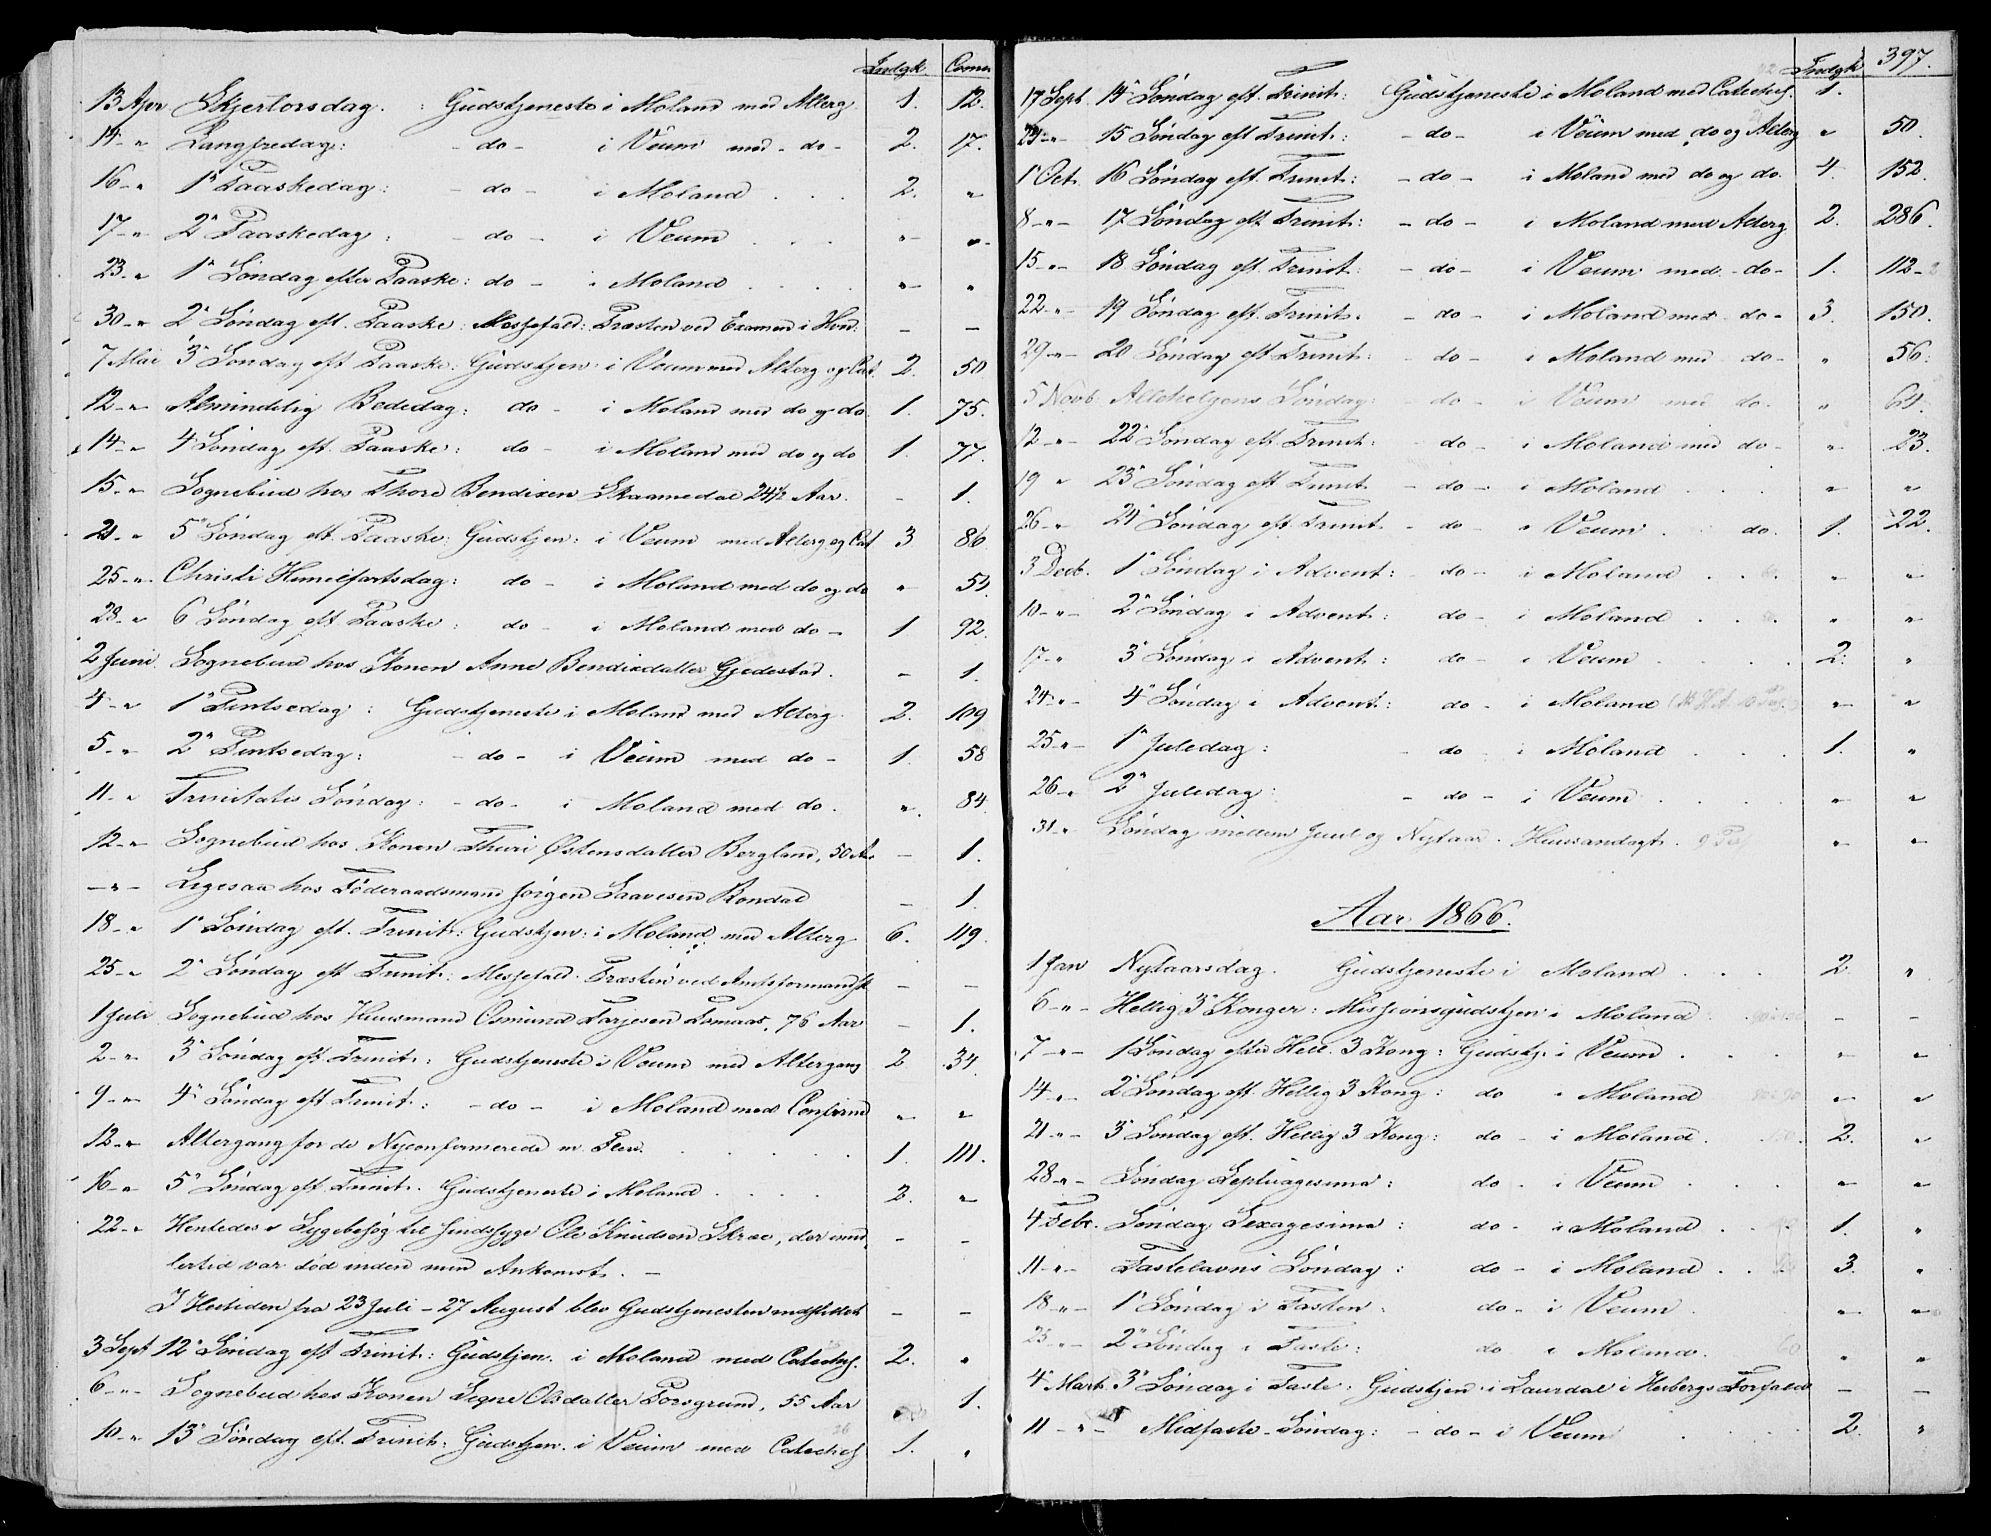 SAKO, Fyresdal kirkebøker, F/Fa/L0005: Ministerialbok nr. I 5, 1855-1871, s. 397